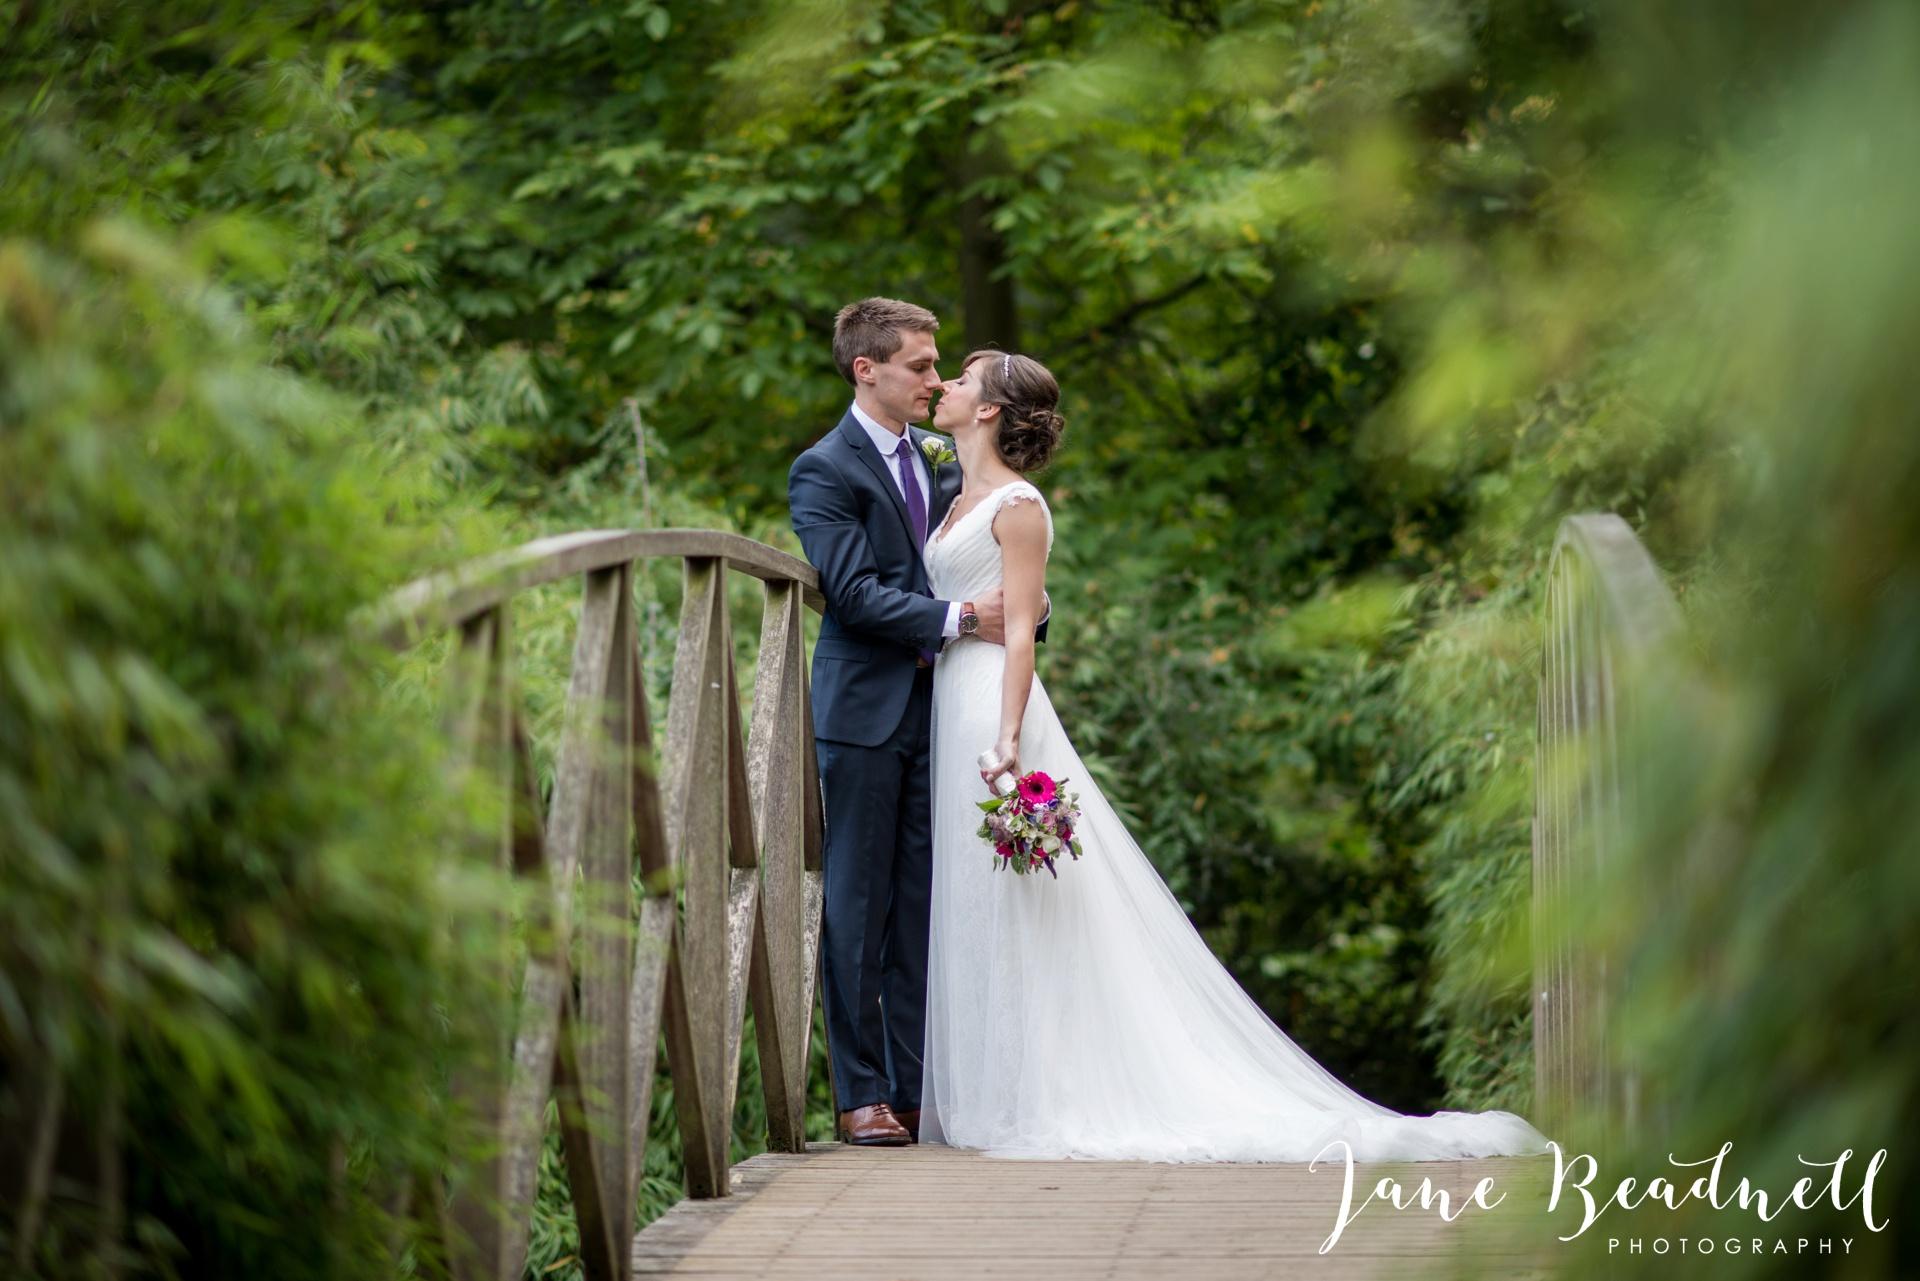 creative wedding photographer Leeds Jane Beadnell wedding photographer_0010